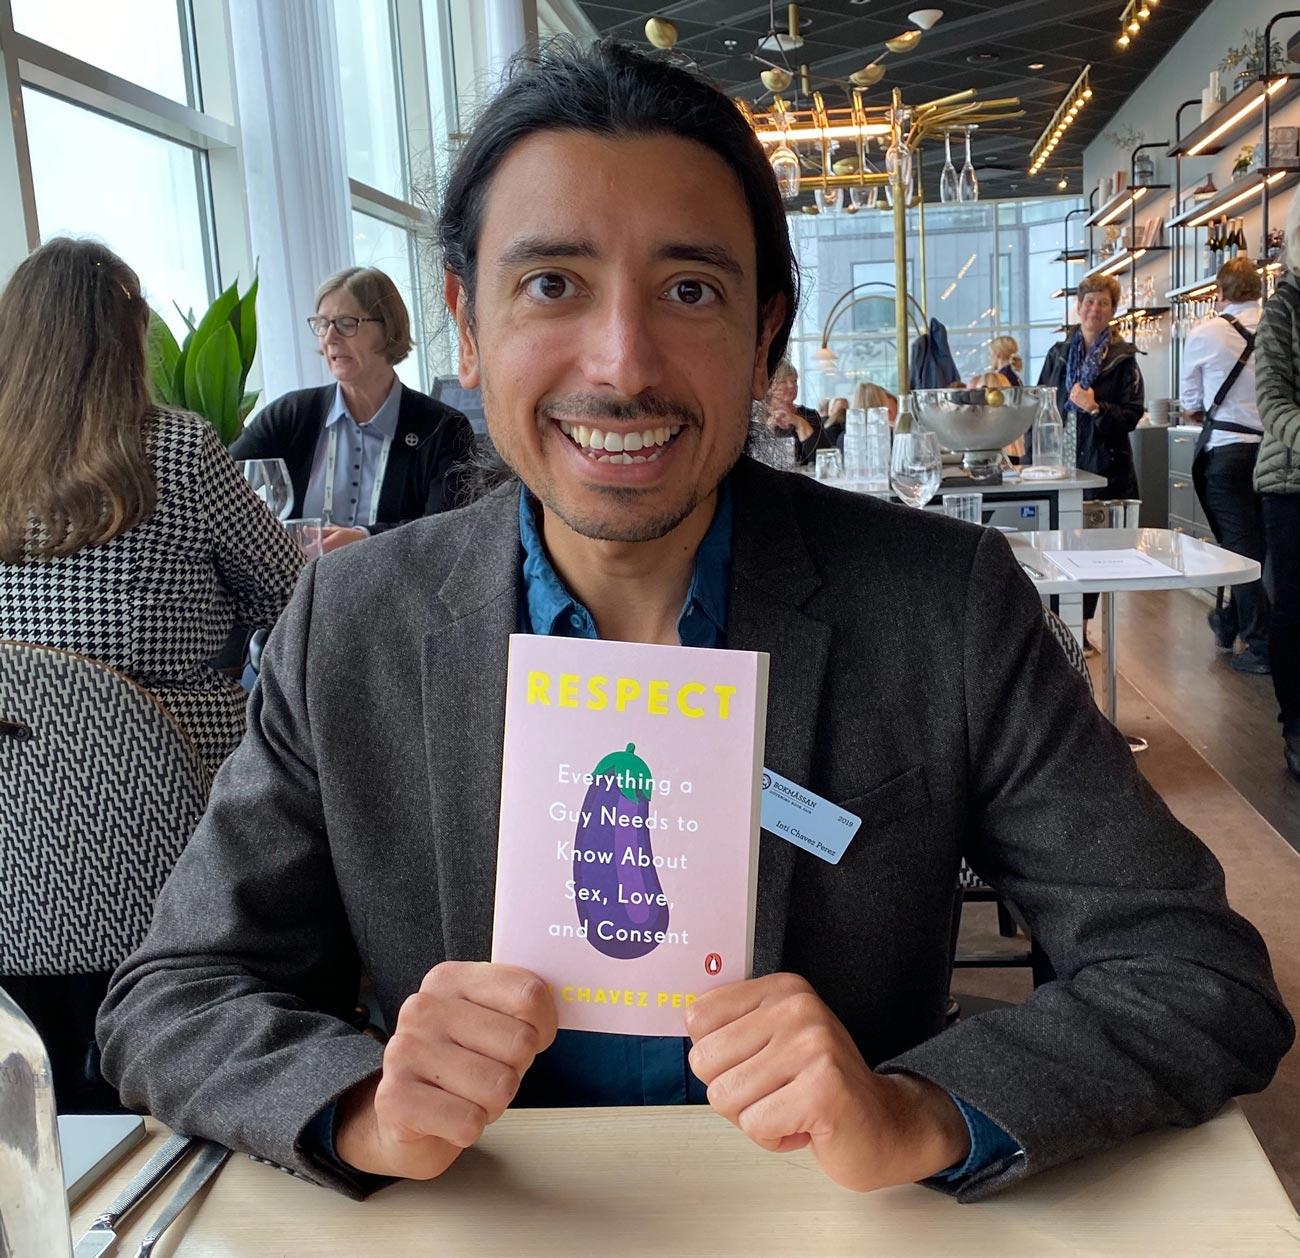 respect book author - <b>В Україні хочуть видати книжку про статеві стосунки для хлопчиків, але без розділу про одностатевий секс</b> - Заборона